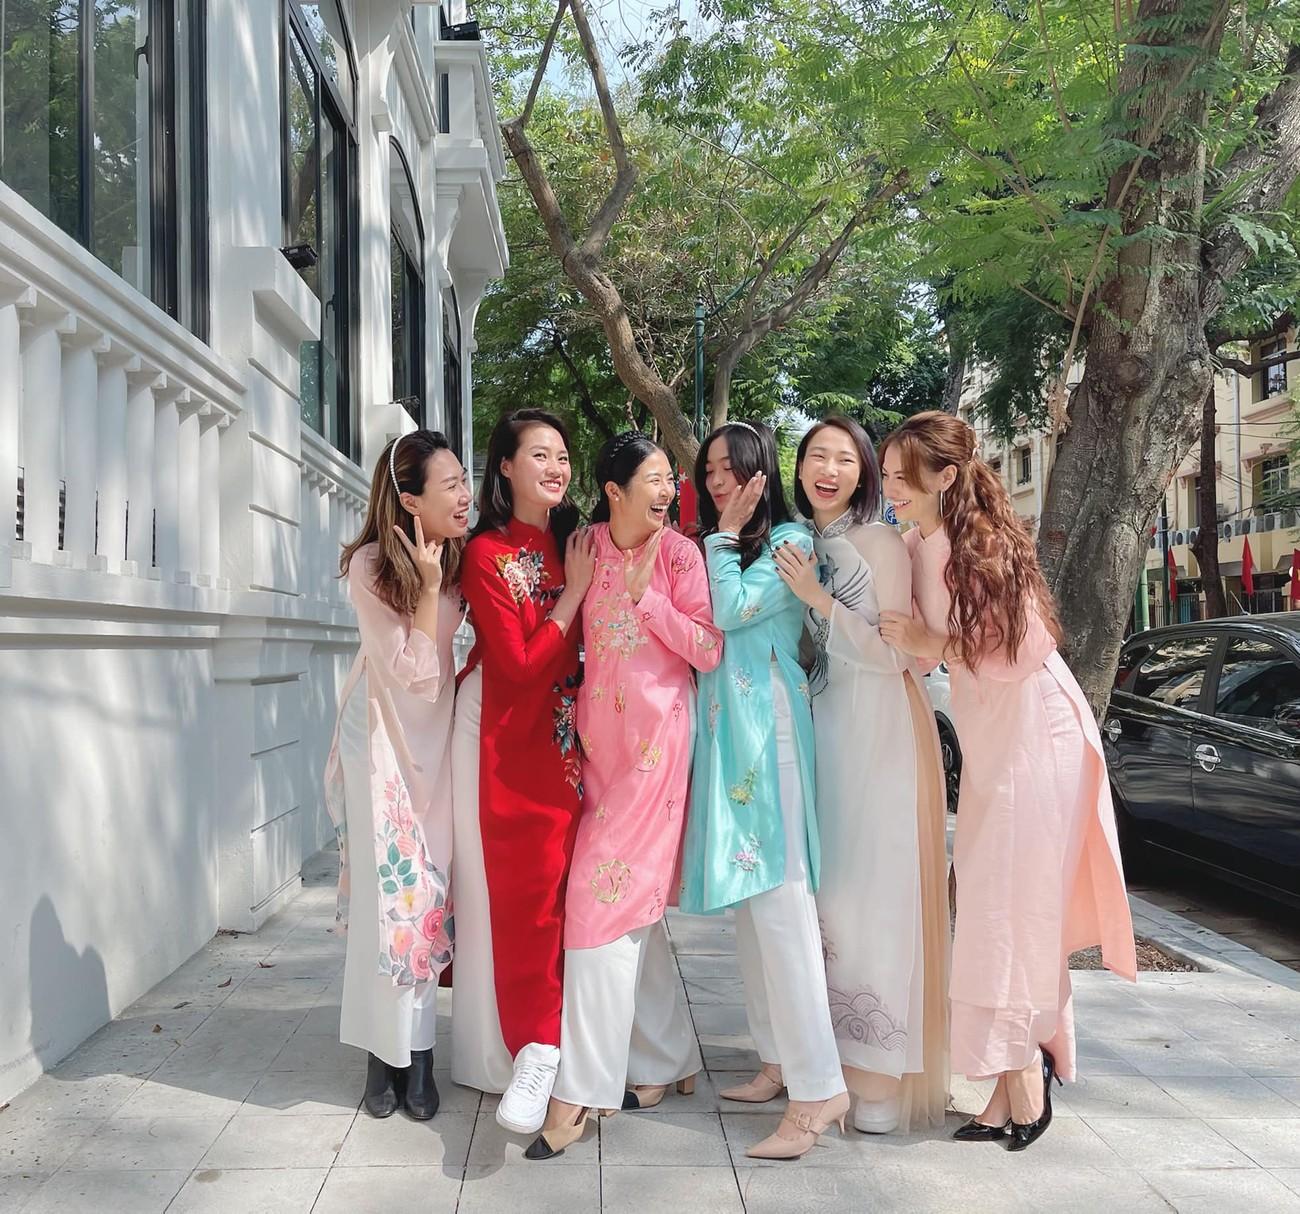 Ngọc Hân và hội bạn thân cả thập kỷ mặc áo dài khoe dáng trên phố Xuân mùng 2 Tết ảnh 1